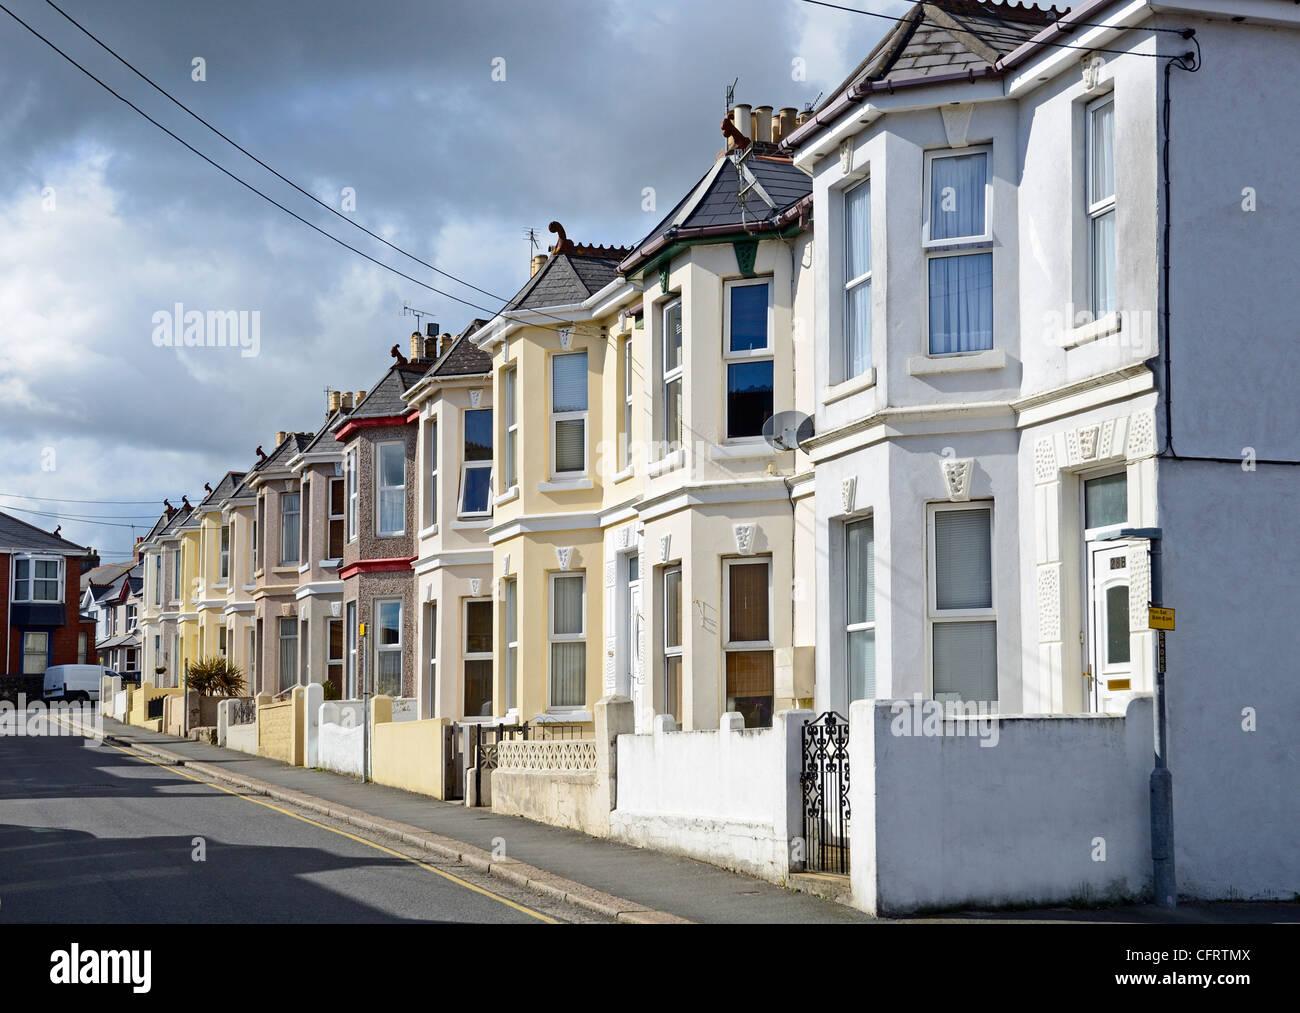 Una calle de casas unifamiliares con ventanales, Saltash, Cornualles, en el reino unido Imagen De Stock